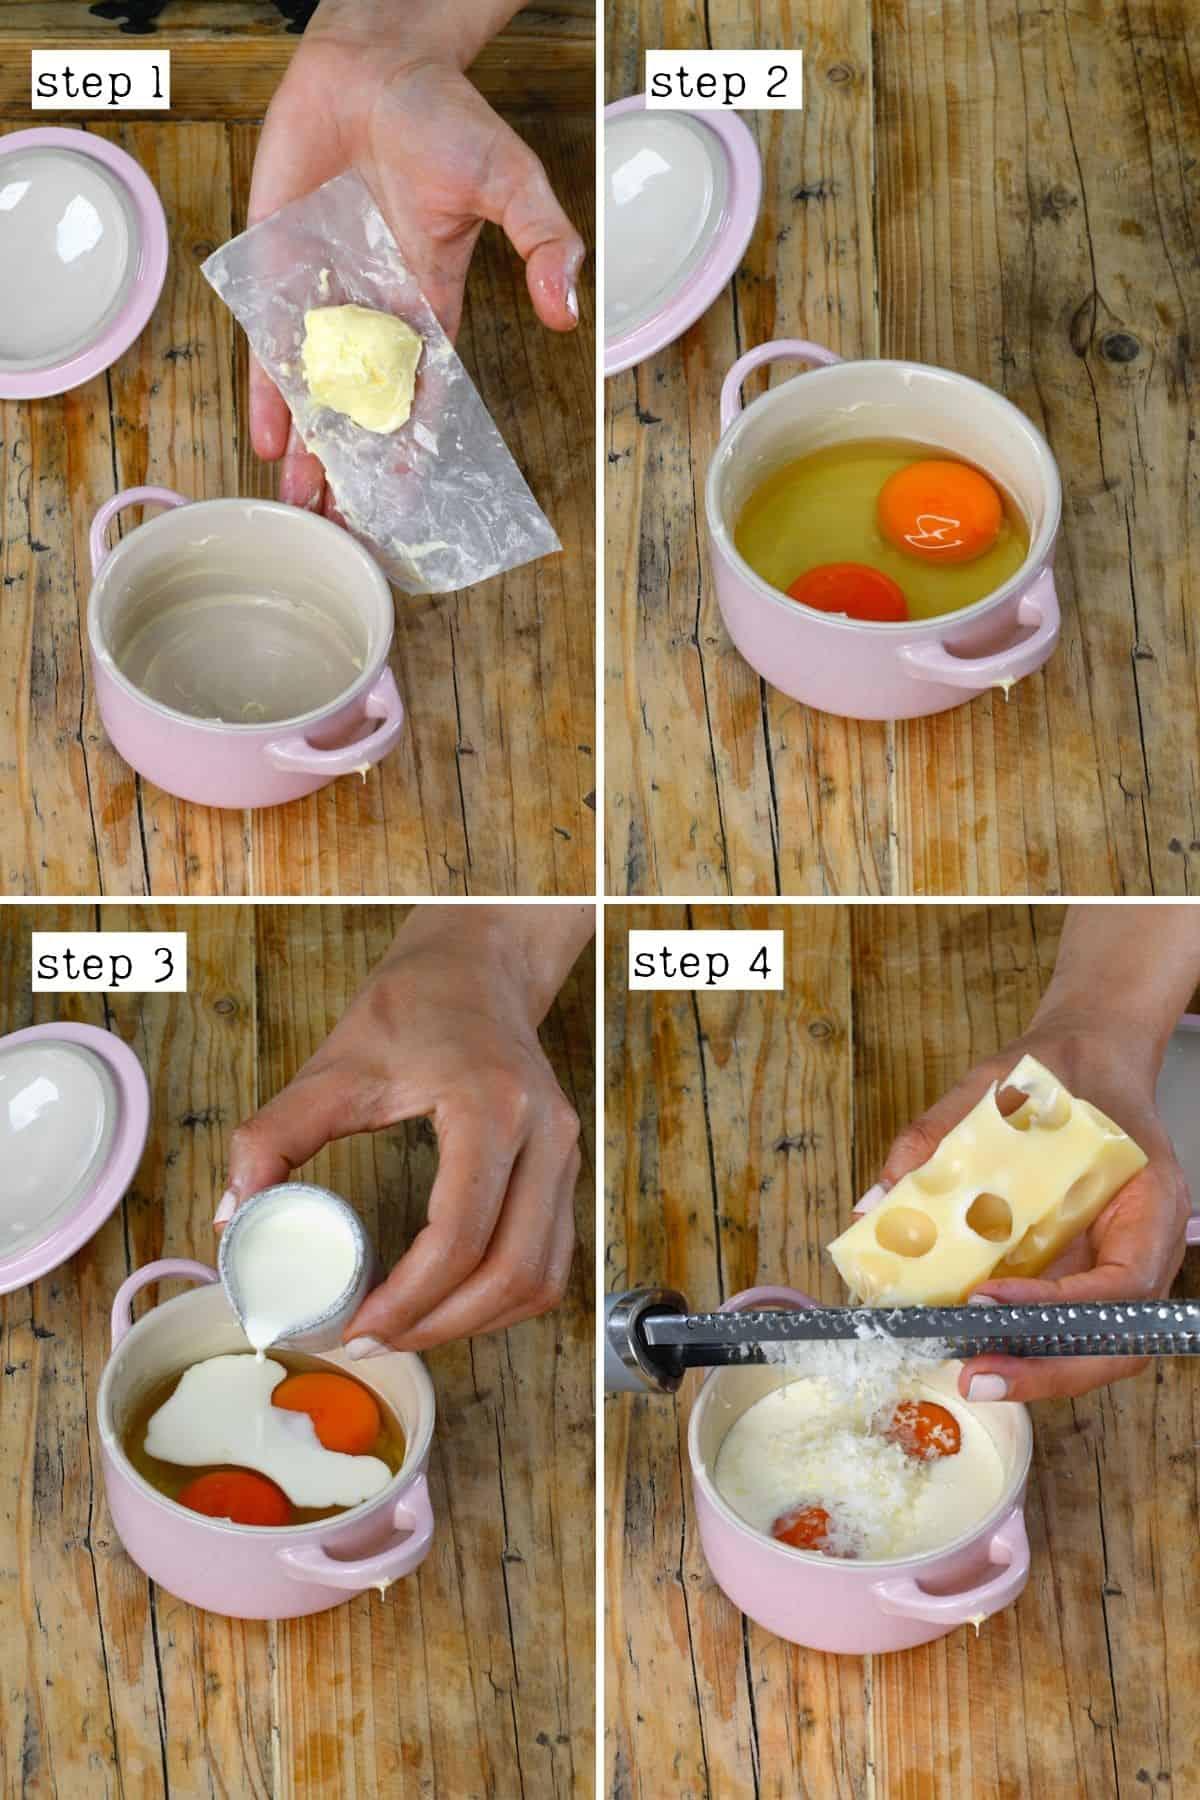 Steps for preparing baked eggs